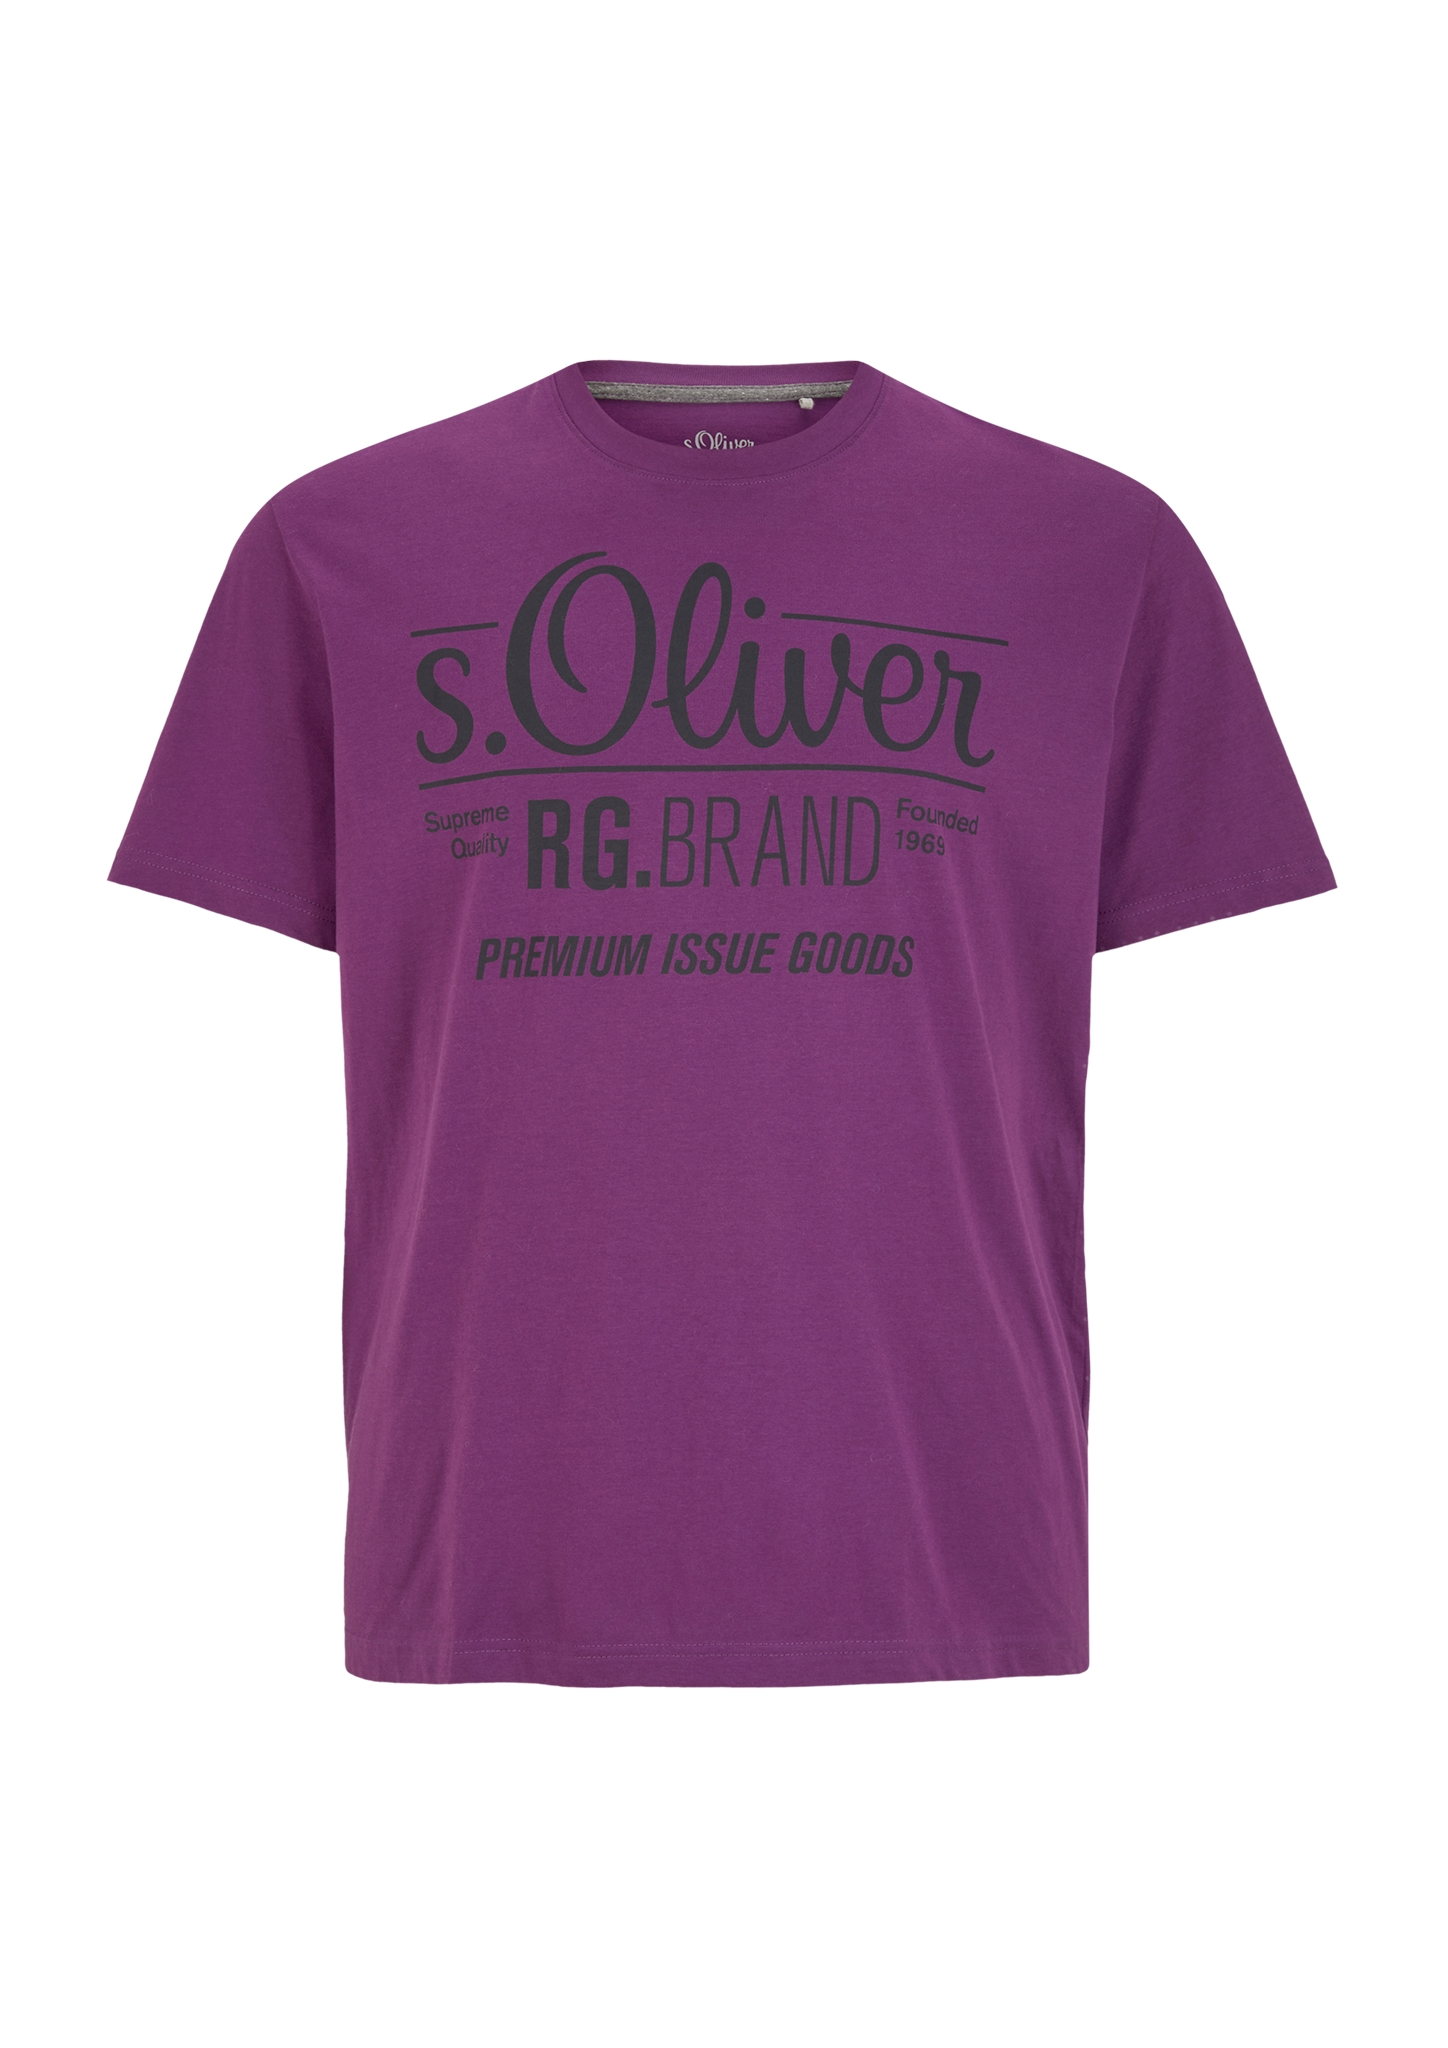 b79c53efcade23 grau-ar Sonstige Shirts für Herren online kaufen | Herrenmode ...